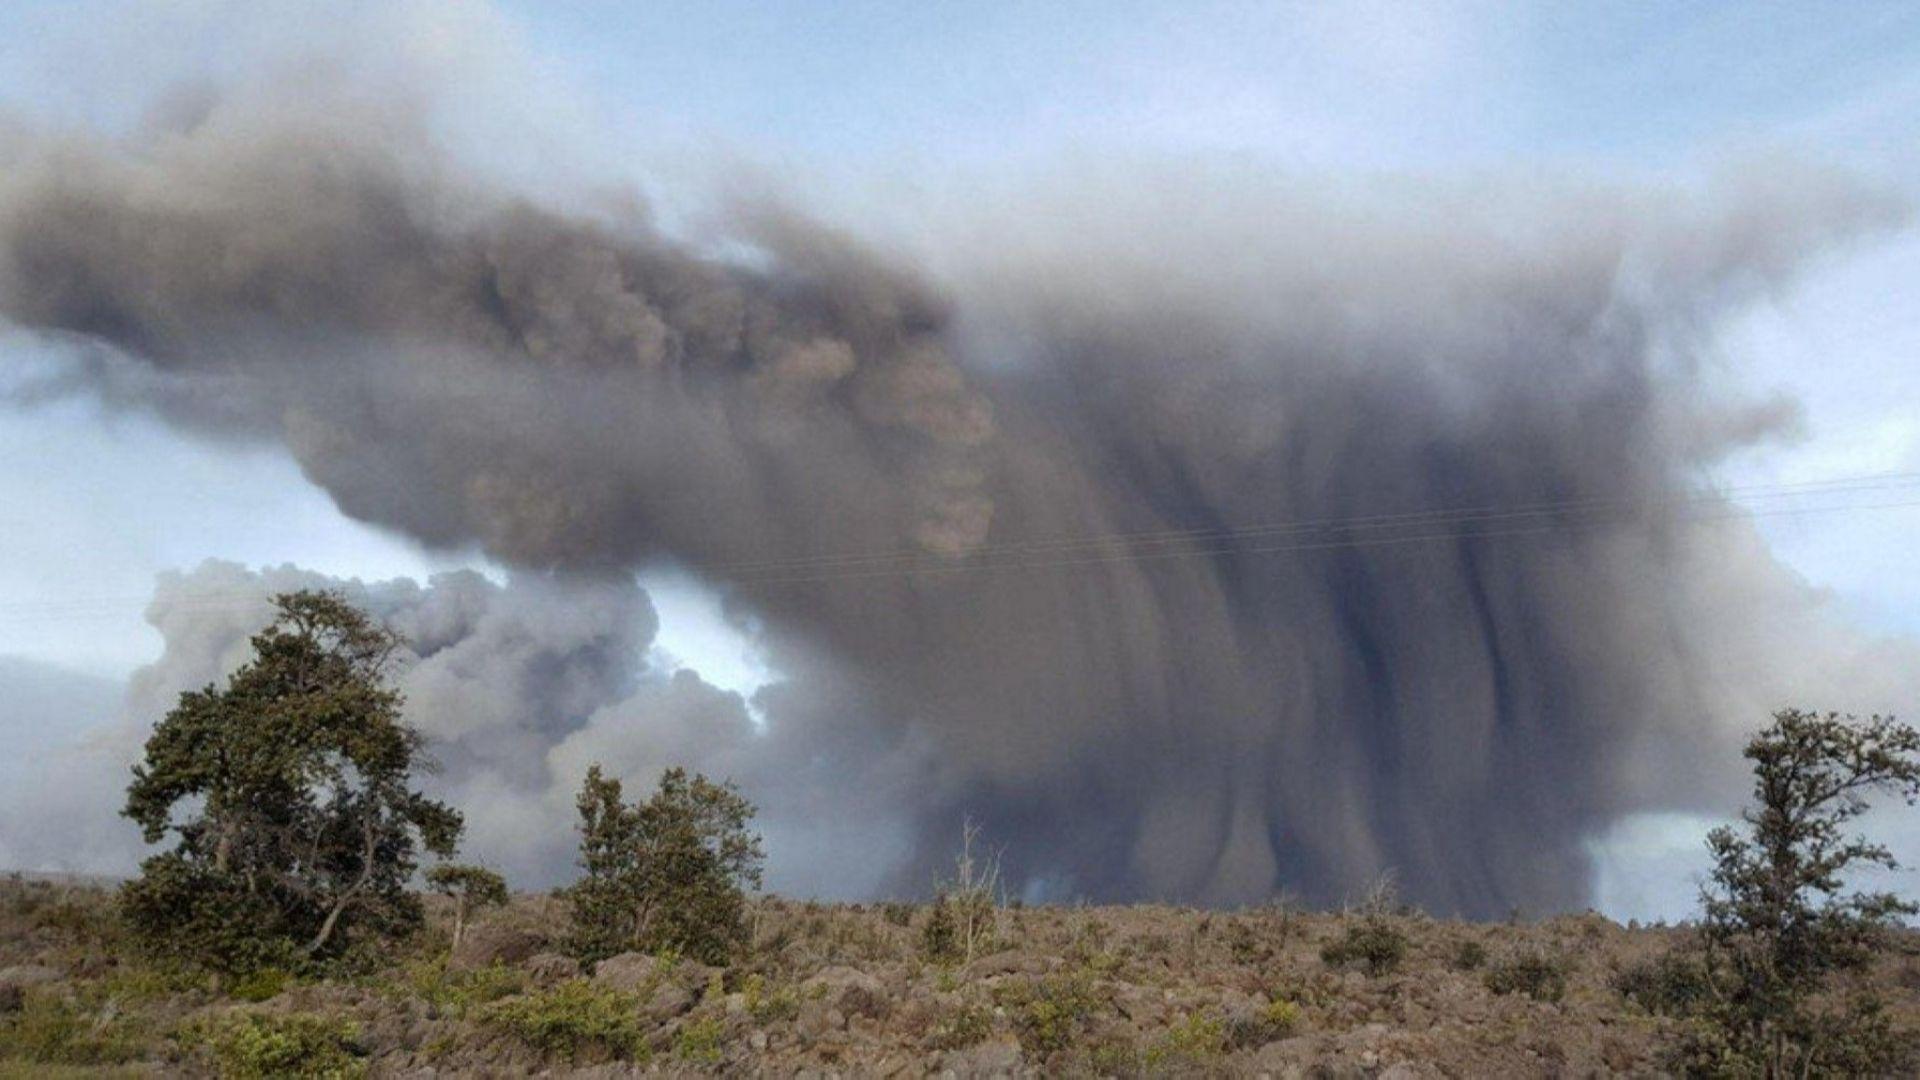 Ще причини ли вулканът Килауеа глобална катастрофа? (видео)